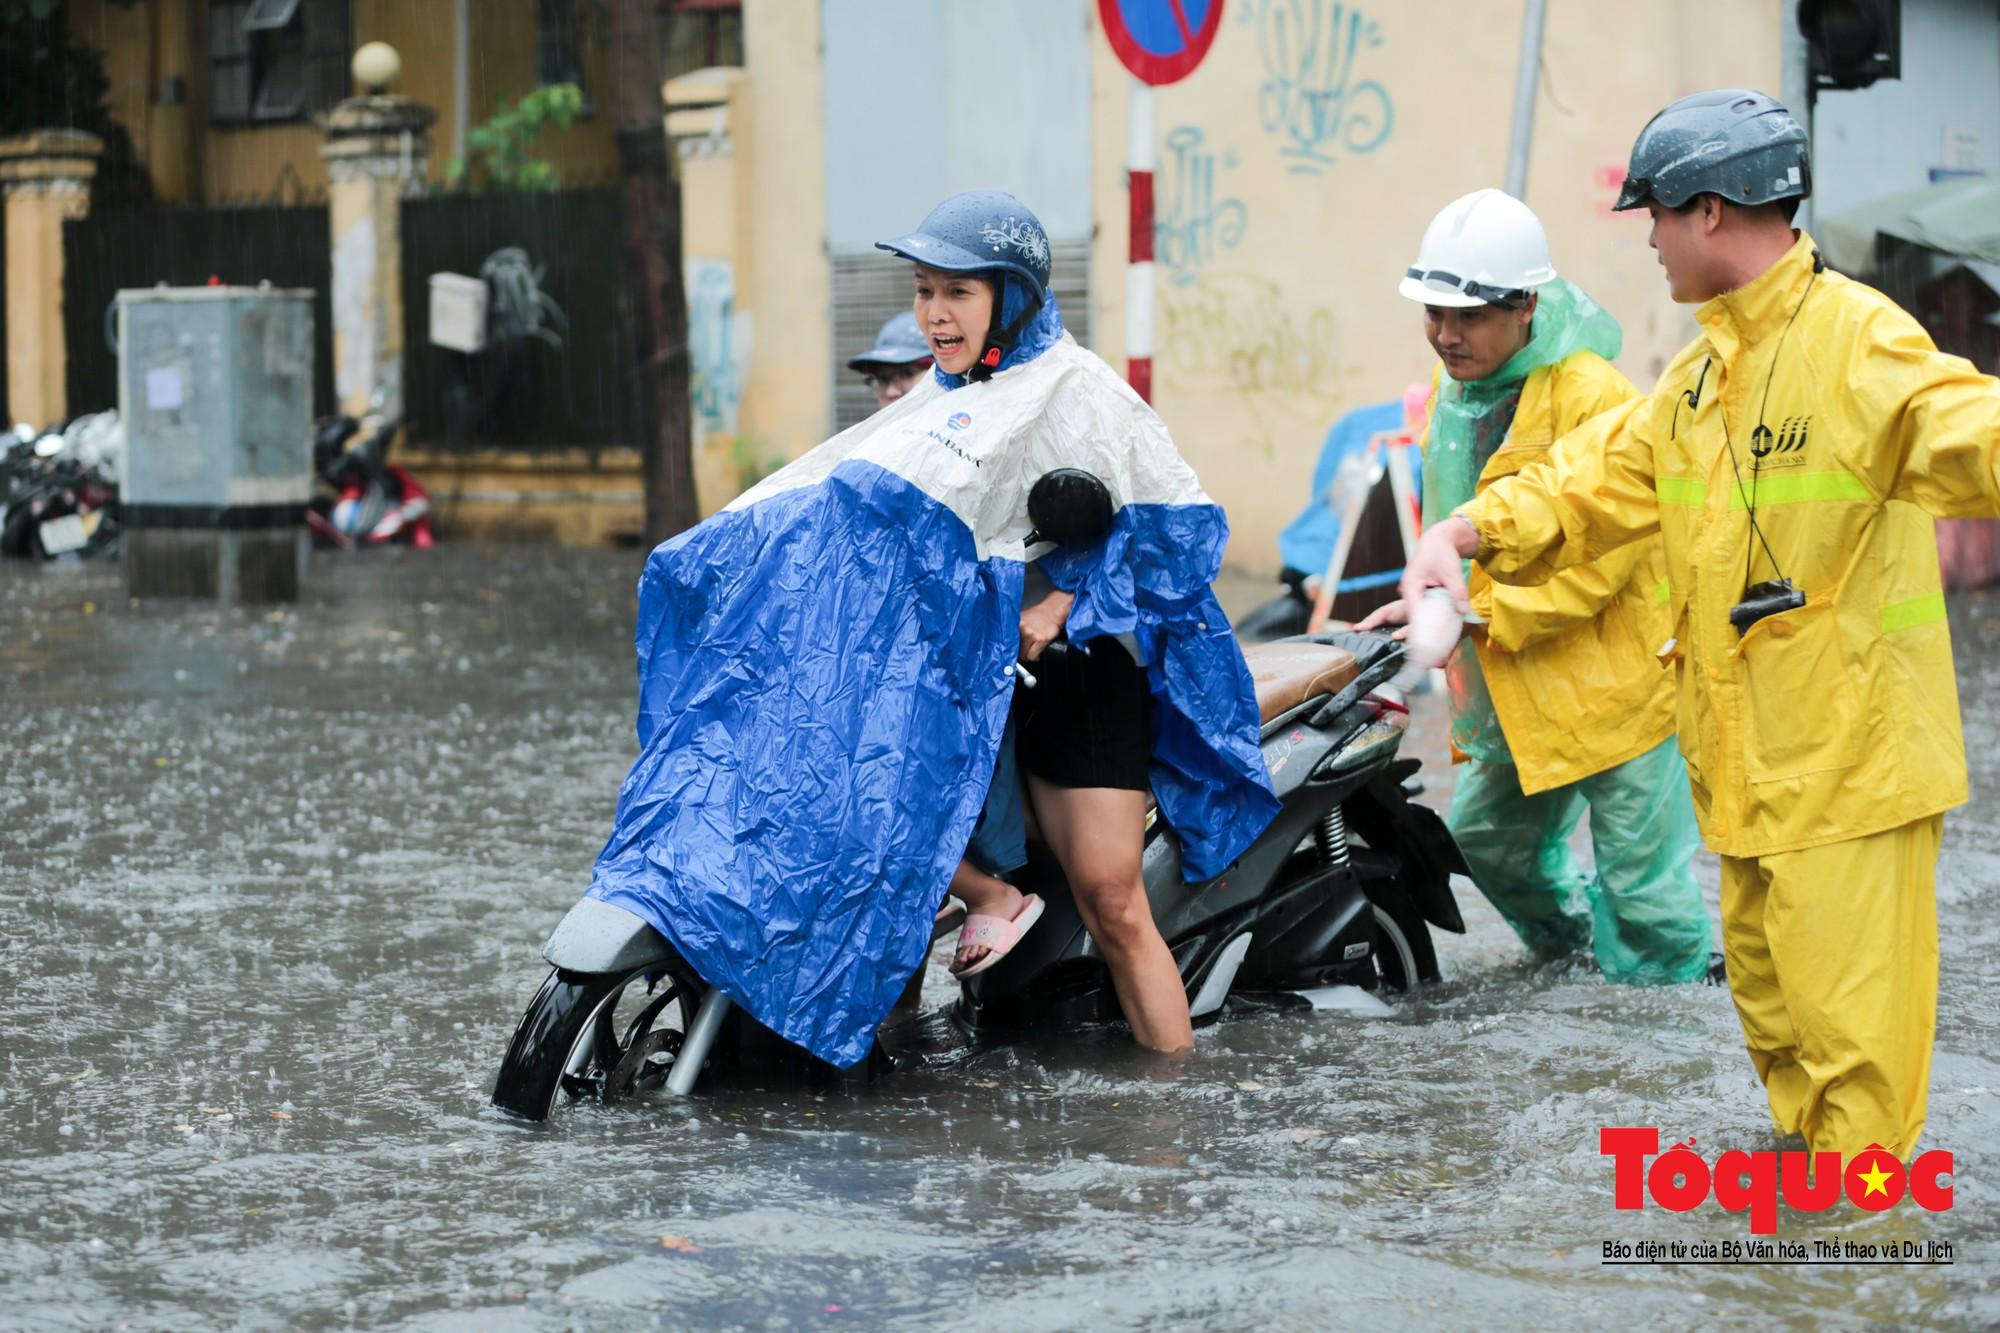 Hà Nội mưa lớn bất ngờ, nhiều tuyến đường lại ngập trong sâu biển nước14